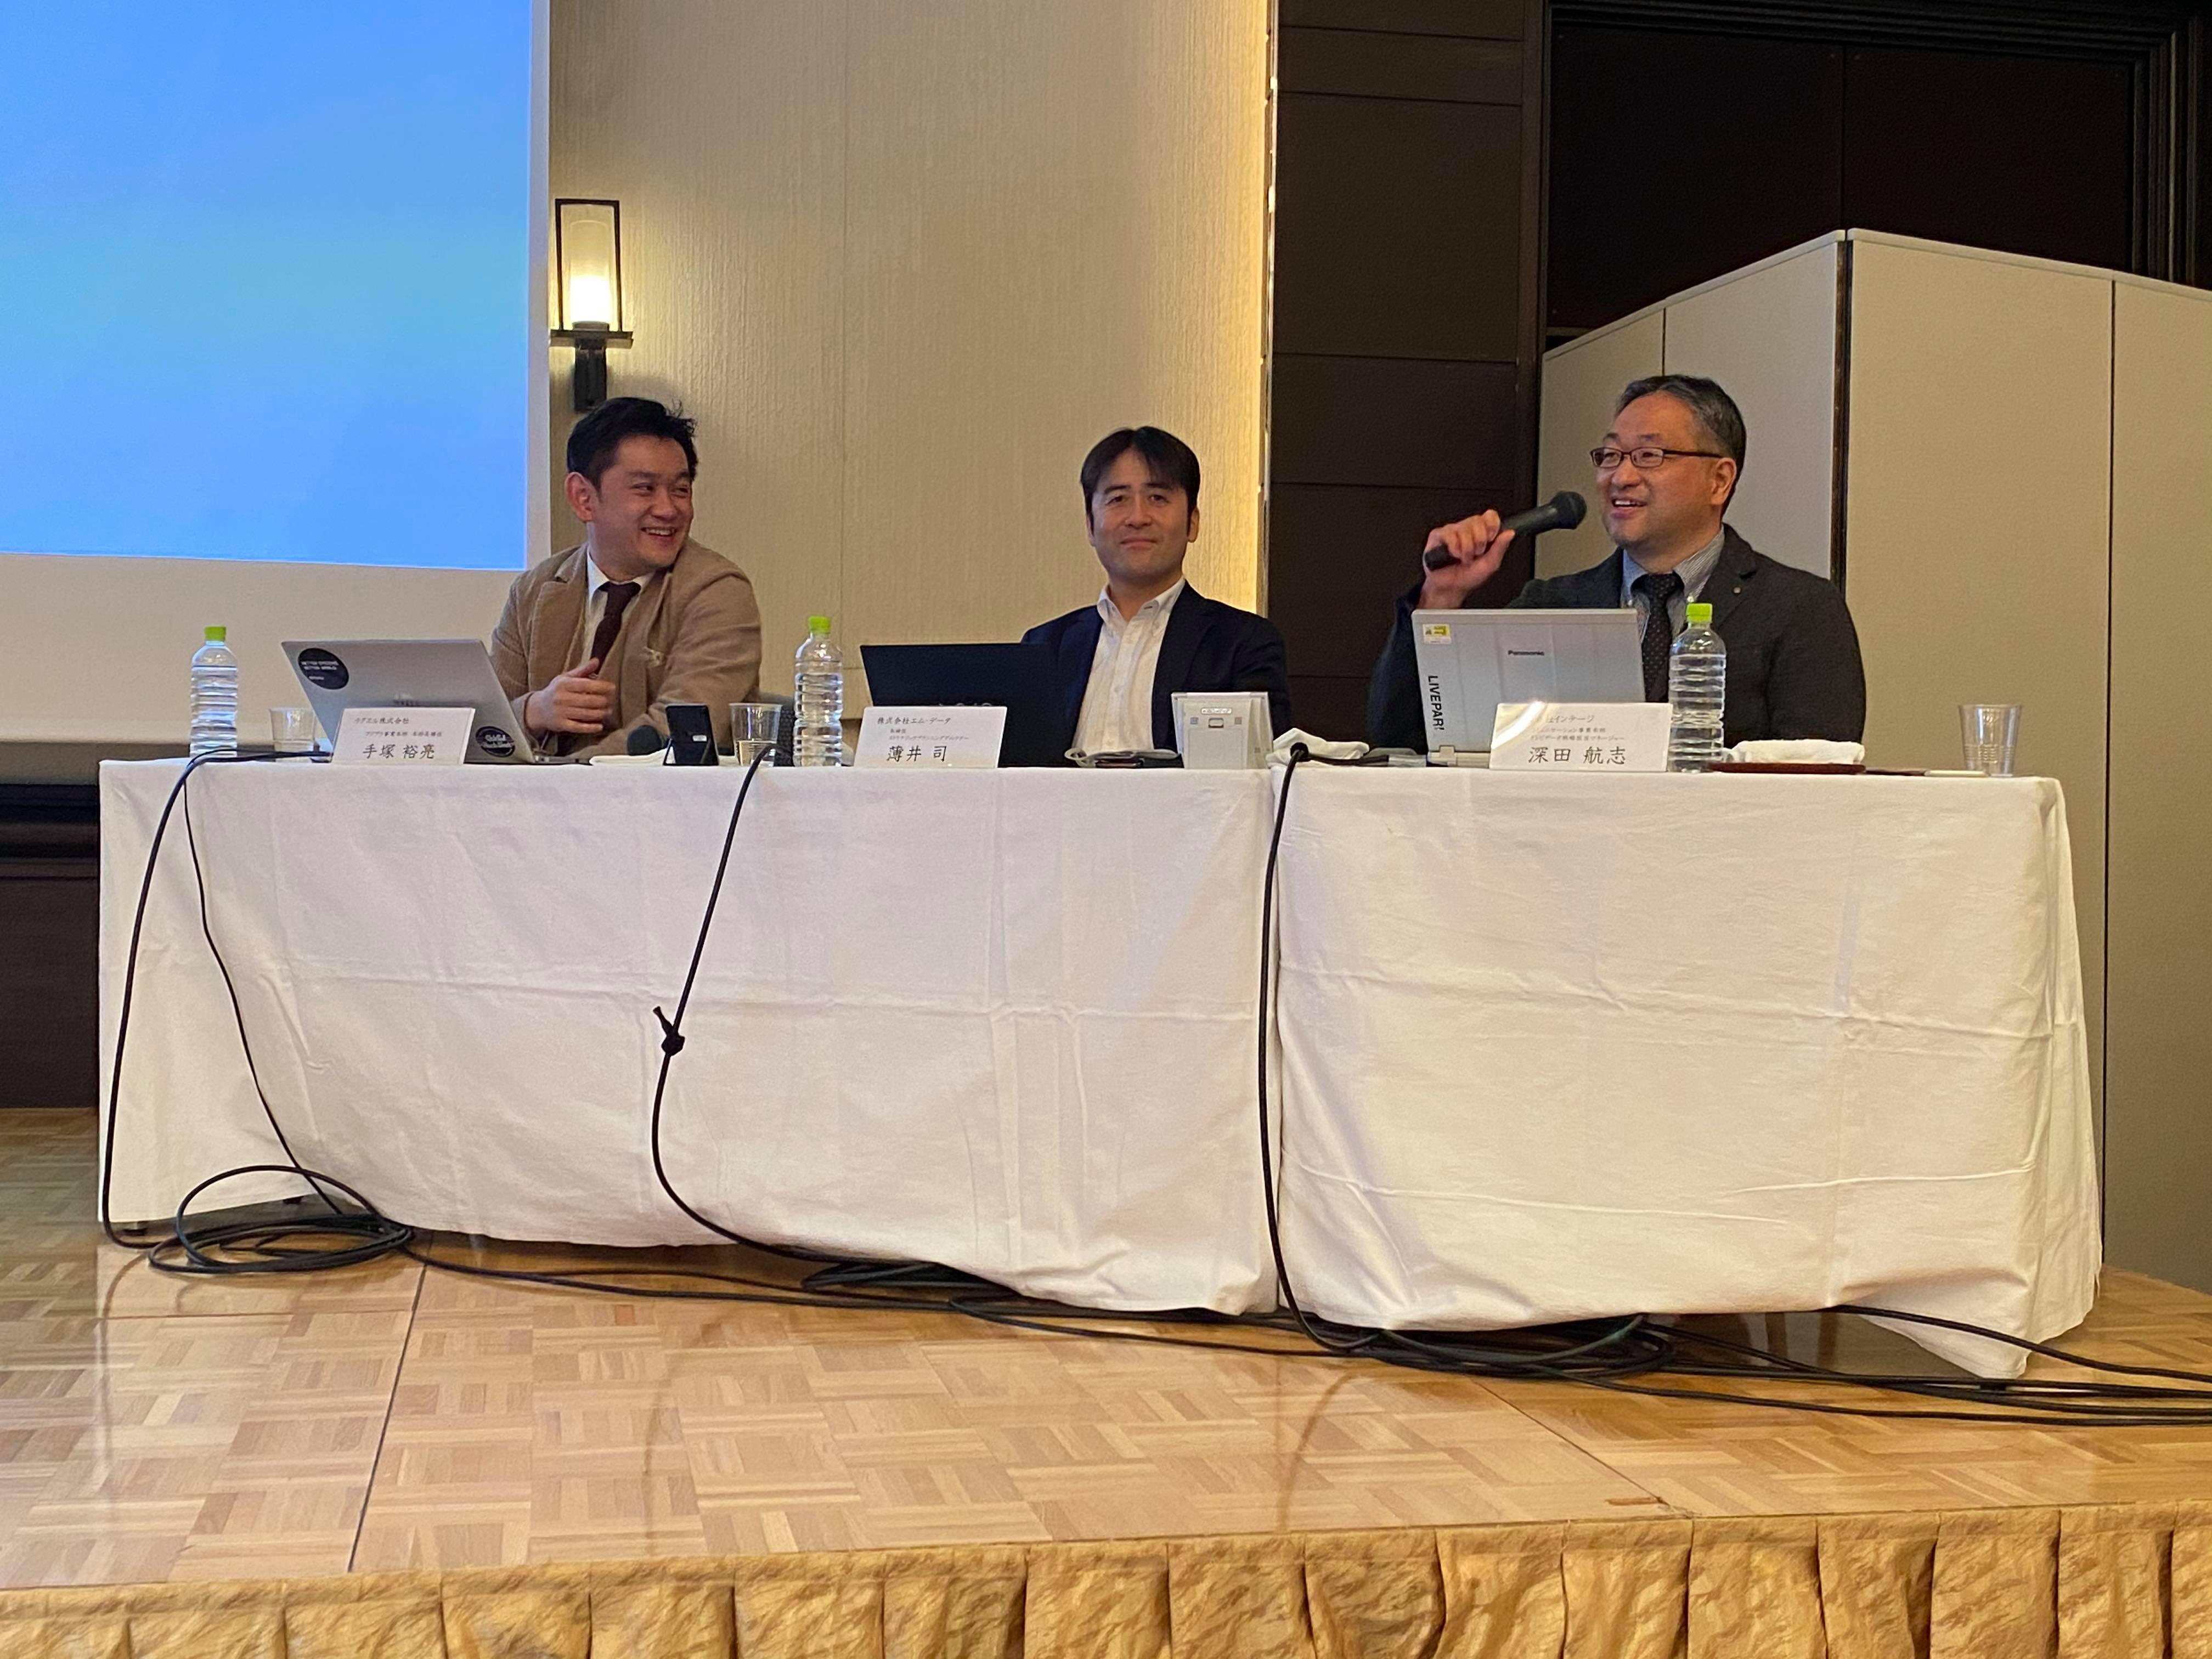 イベントレポート「地域とテレビの未来を考えるシンポジウム in 福岡」《中編》